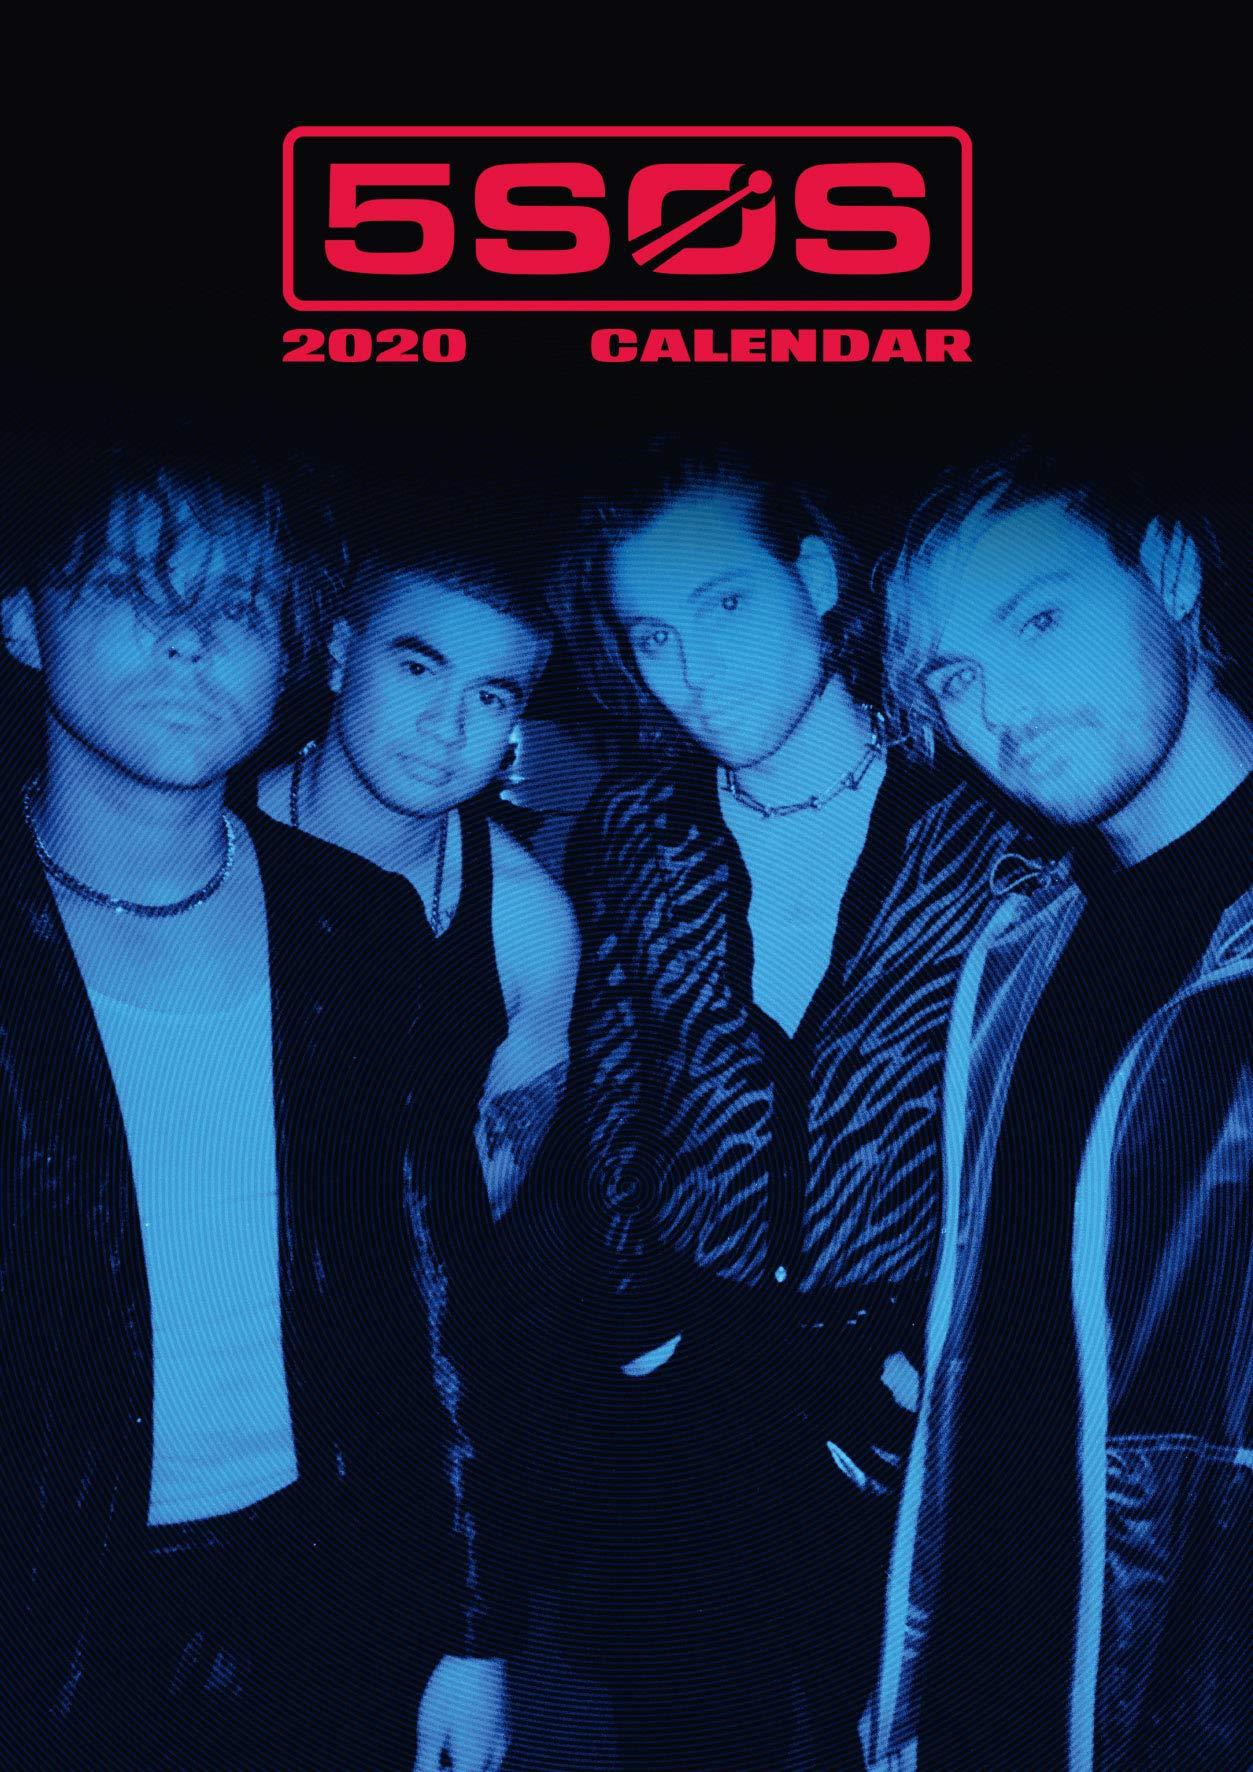 5 Seconds Of Summer 2020.5 Seconds Of Summer 2020 Calendar Official A3 Wall Format